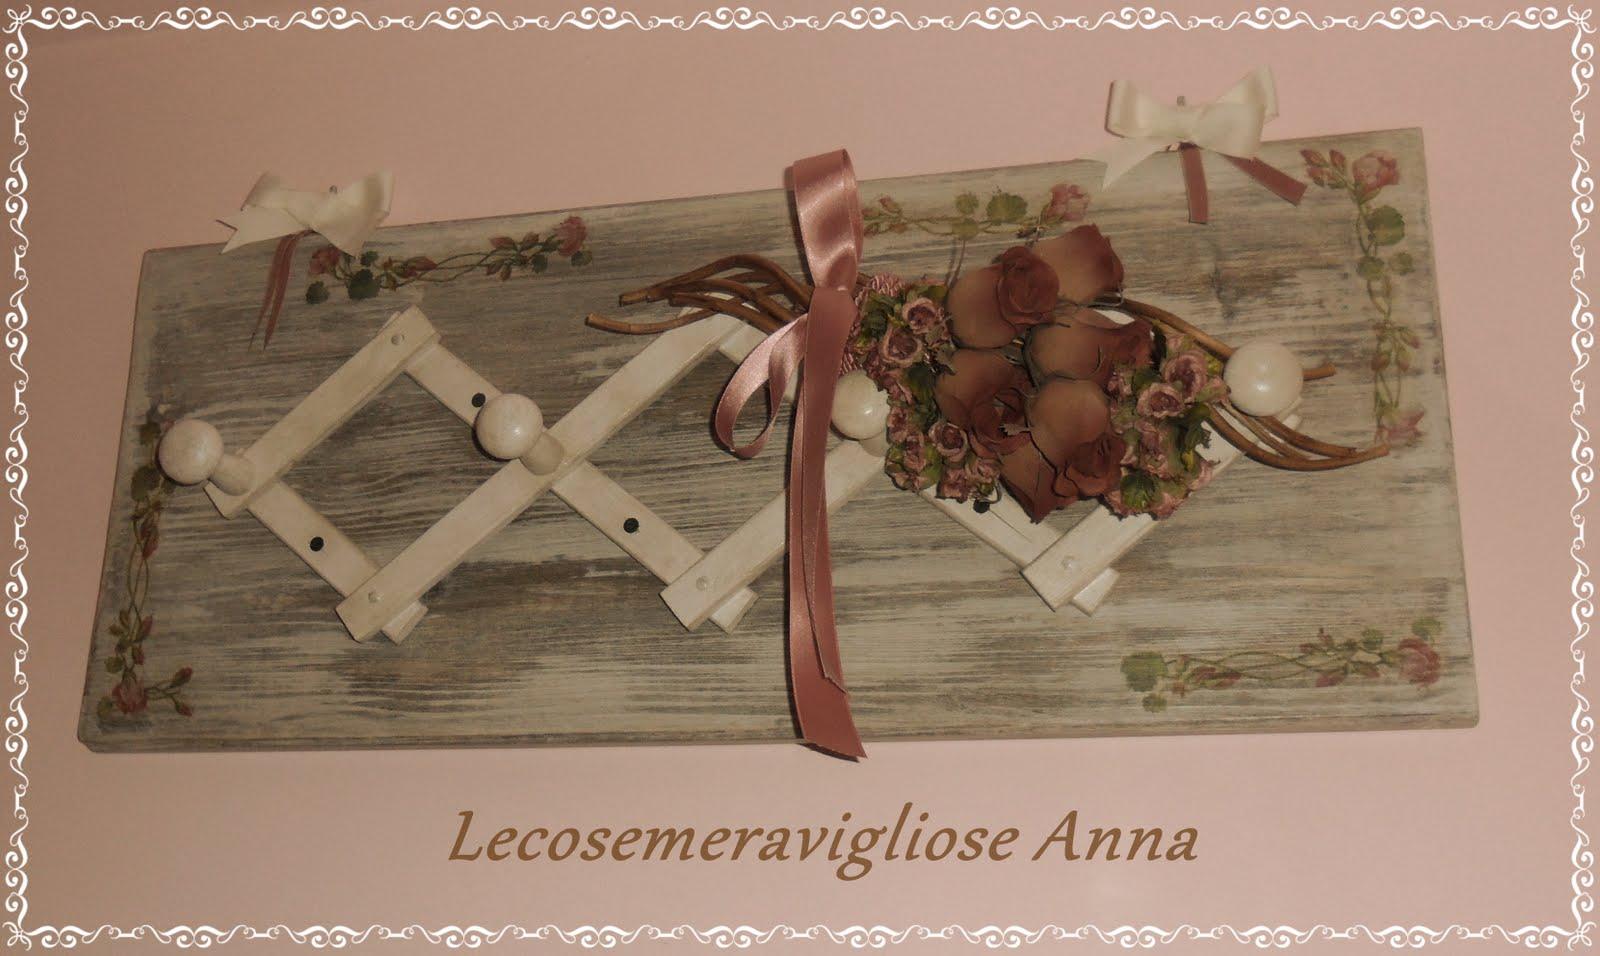 Lecosemeravigliose shabby e country chic passions shabby for La maison de rose arredamento shabby chic country provenzale roma